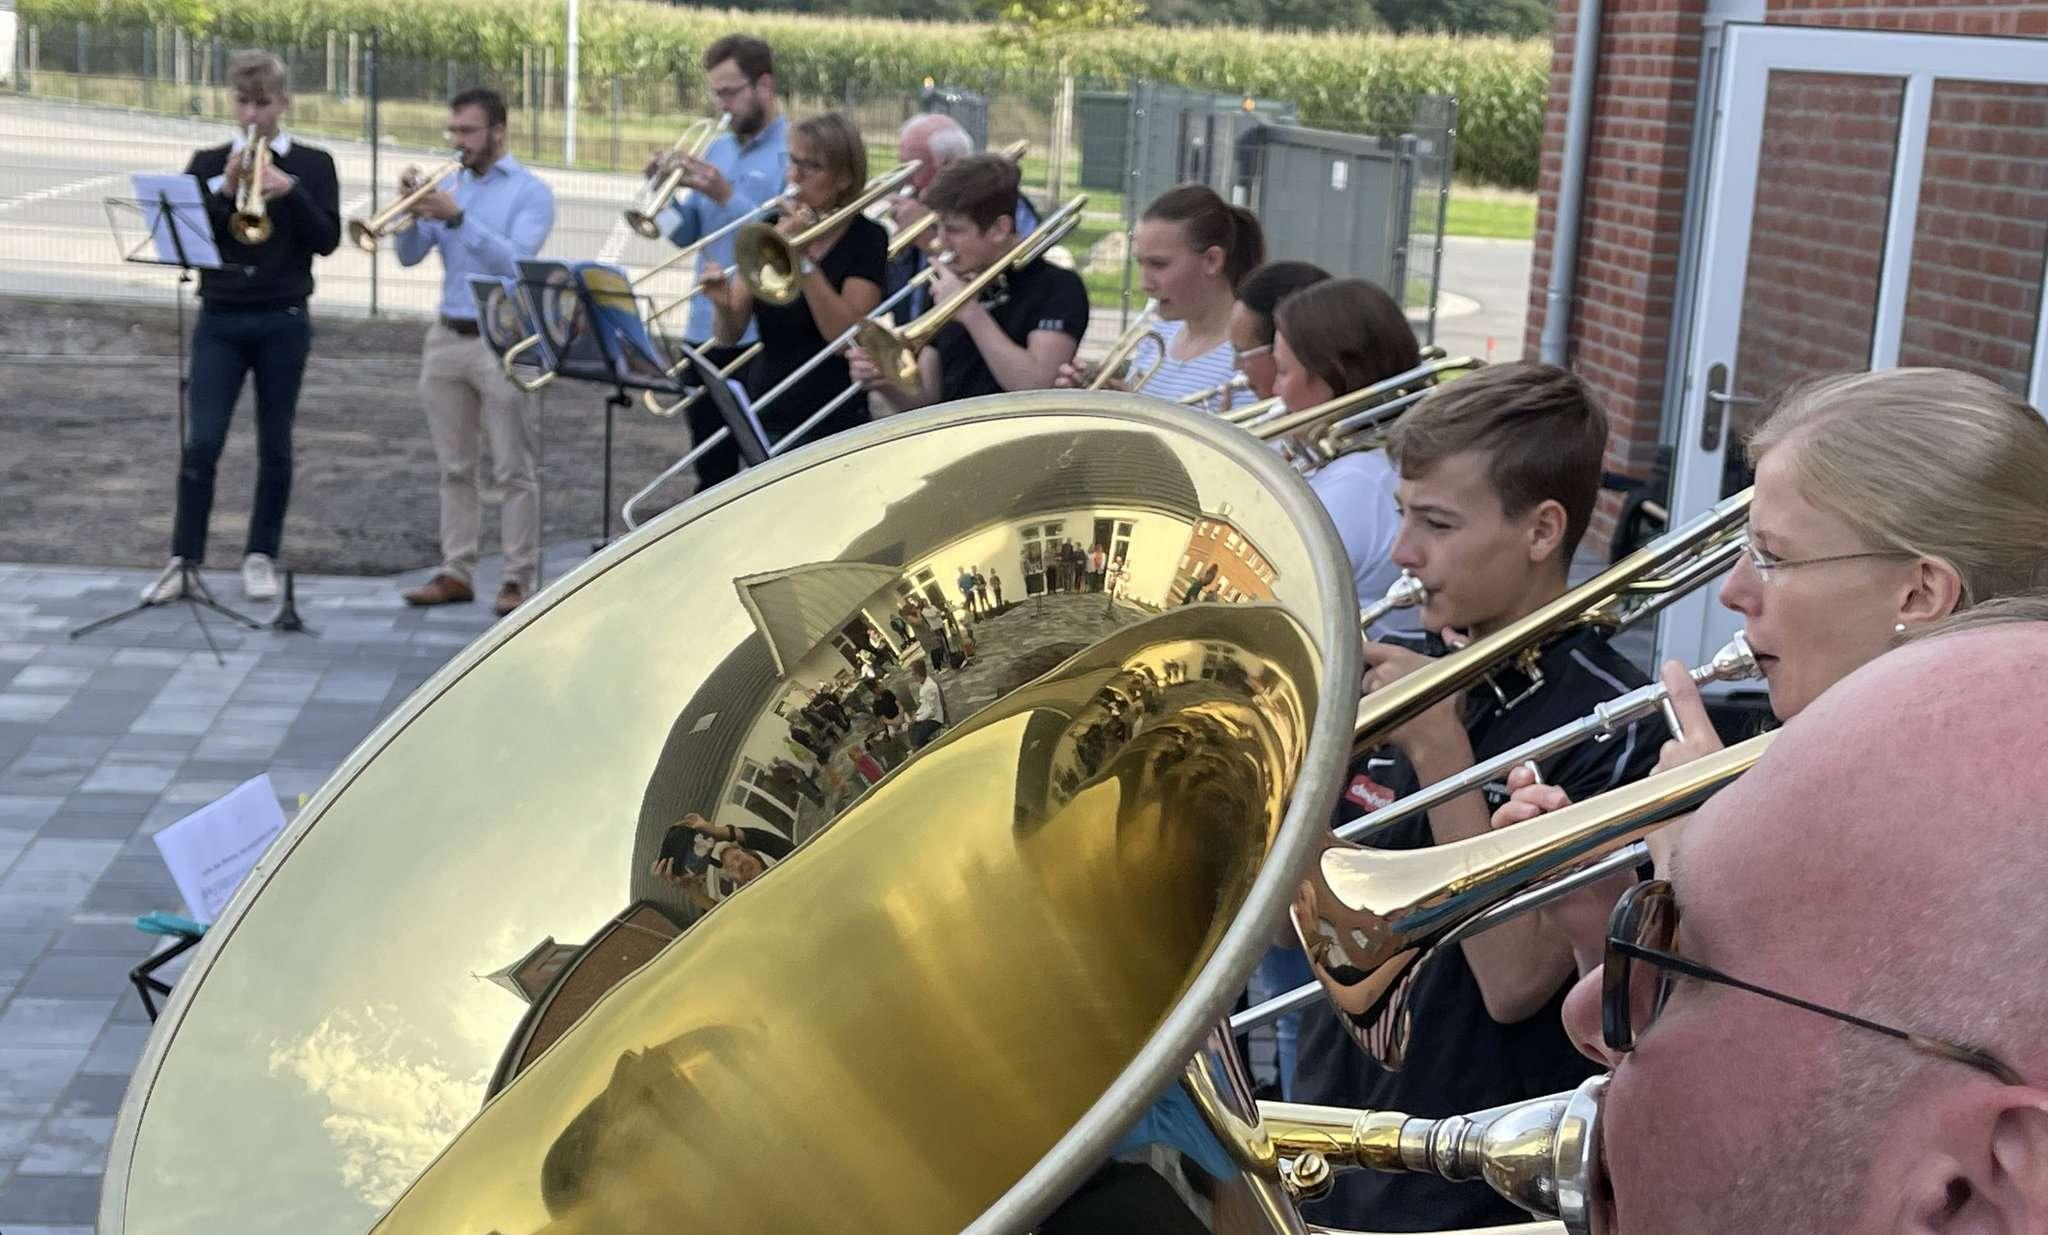 Auch der Posaunenchor unter Leitung von Simeon Rehr durfte beim Tag der offenen Tür nicht fehlen.